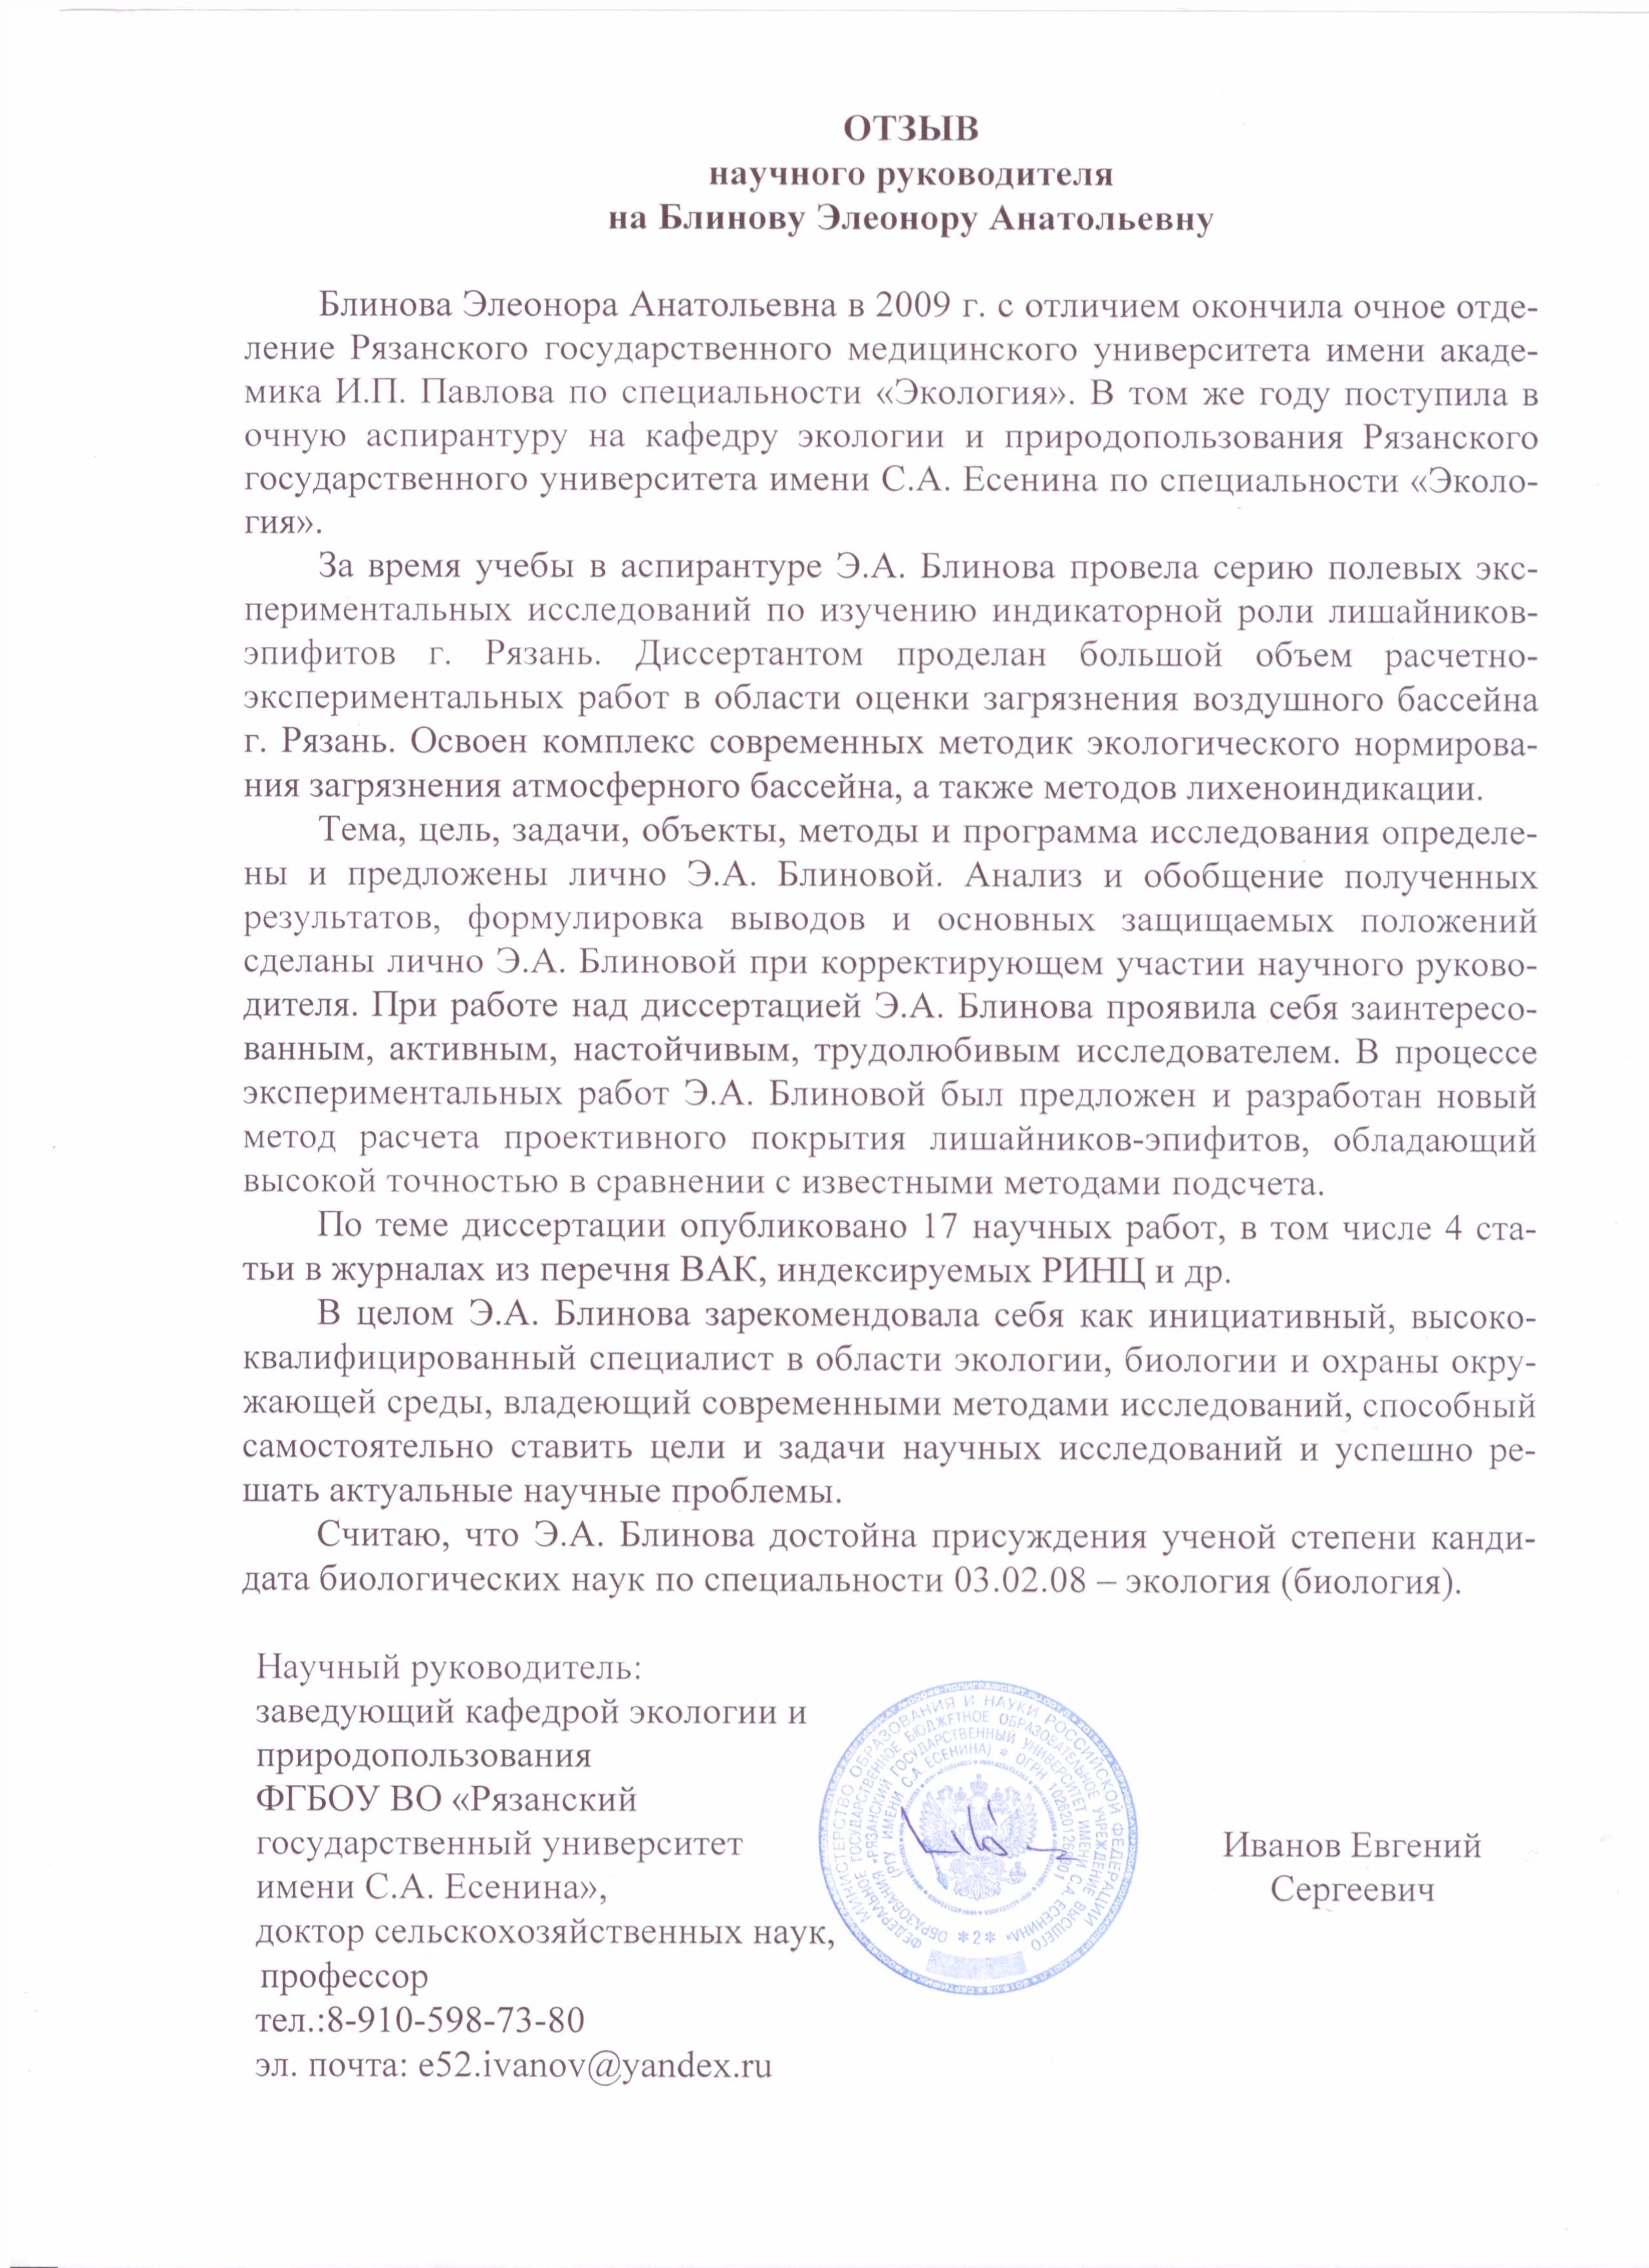 Блинова Элеонора Анатольевна Отзыв научного руководителя научного консультанта